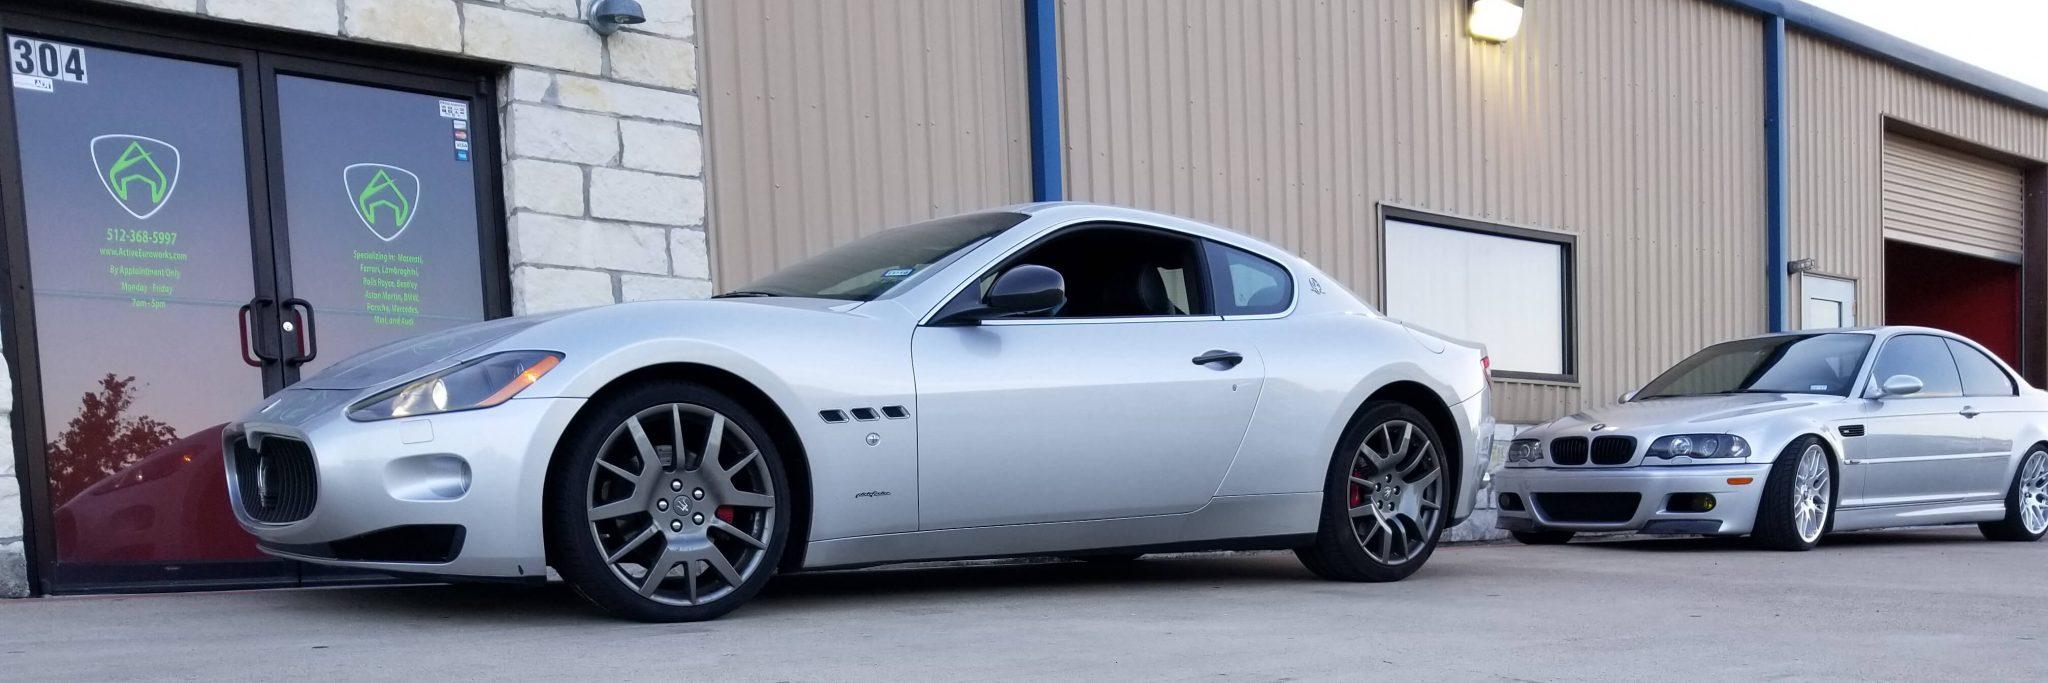 Maserati Repair in pflugerville